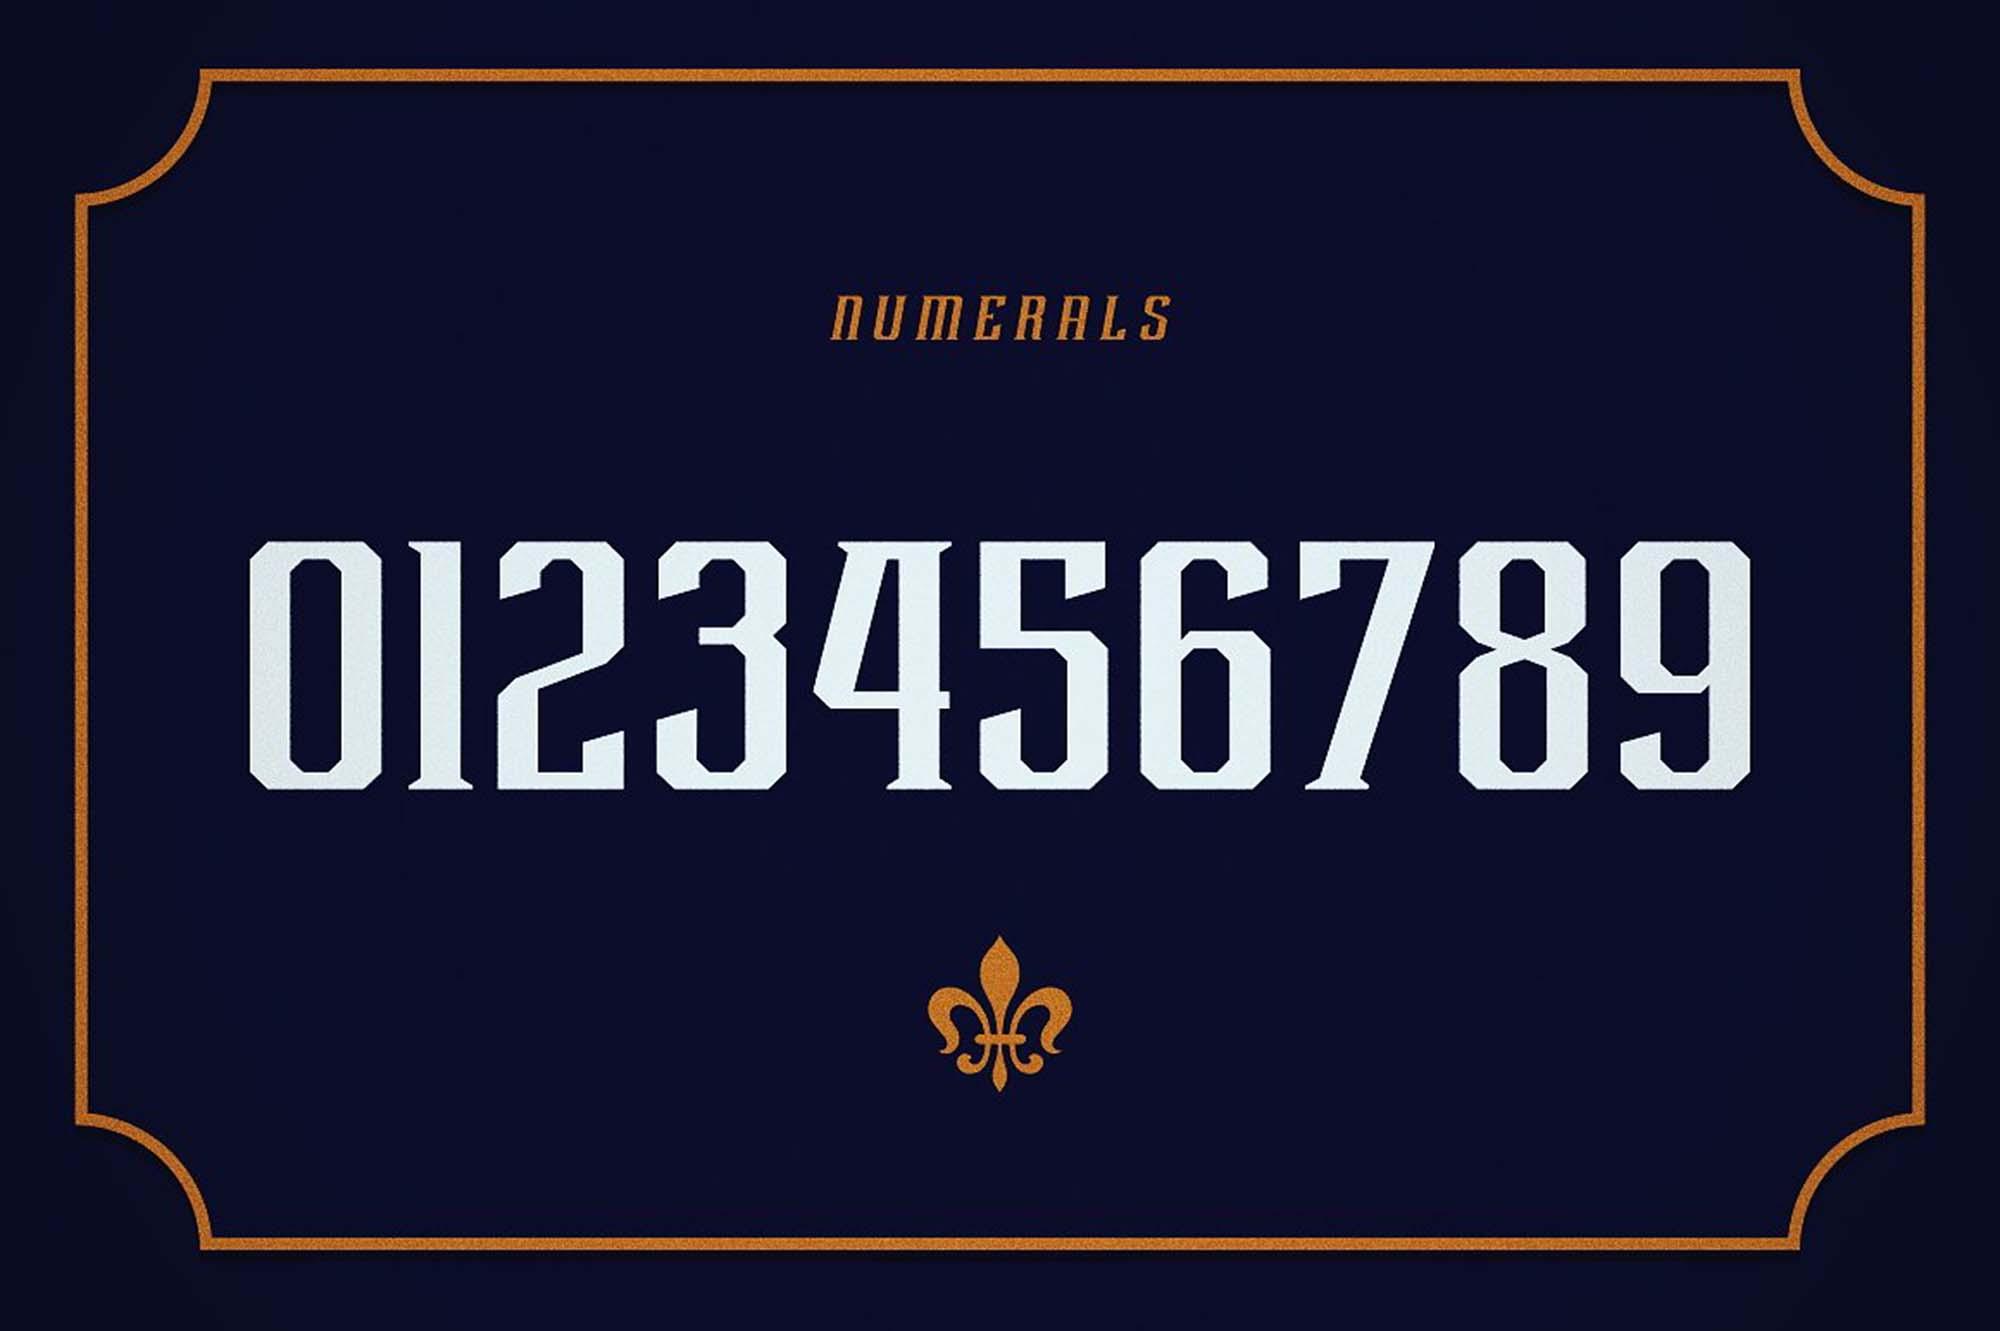 Rebute Typeface Numerals